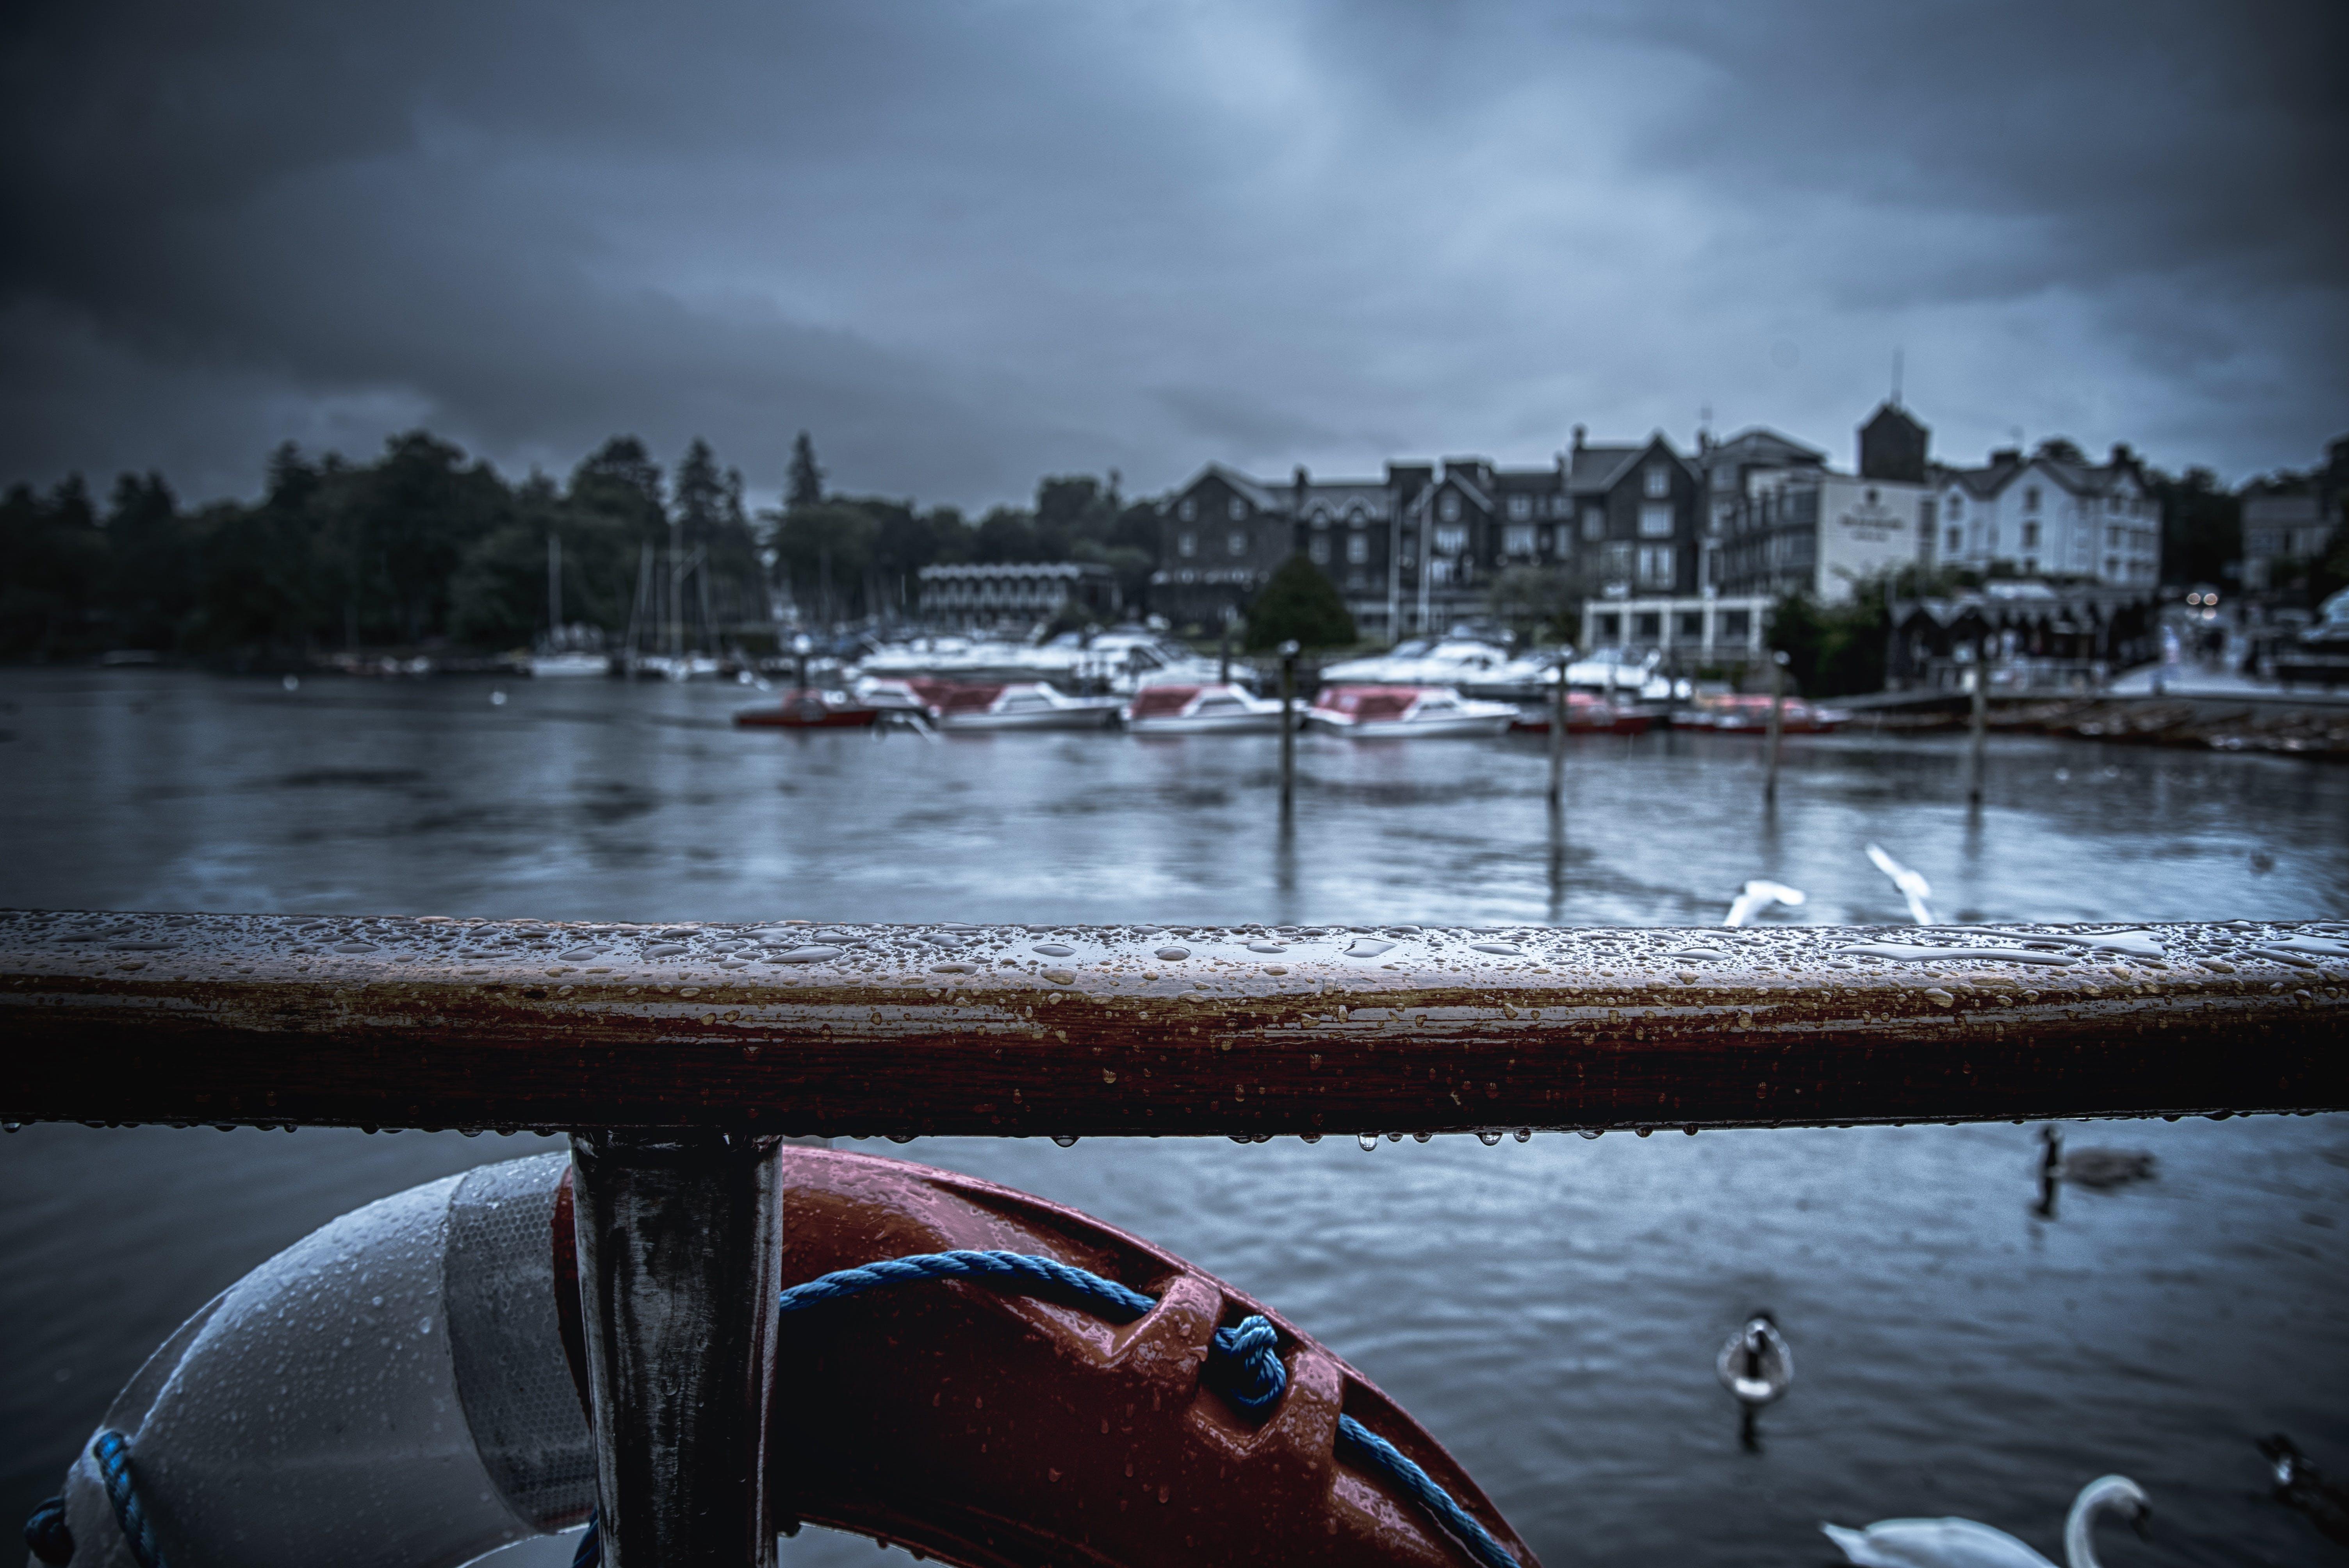 Δωρεάν στοκ φωτογραφιών με αντανάκλαση, απόγευμα, αυγή, βάρκα